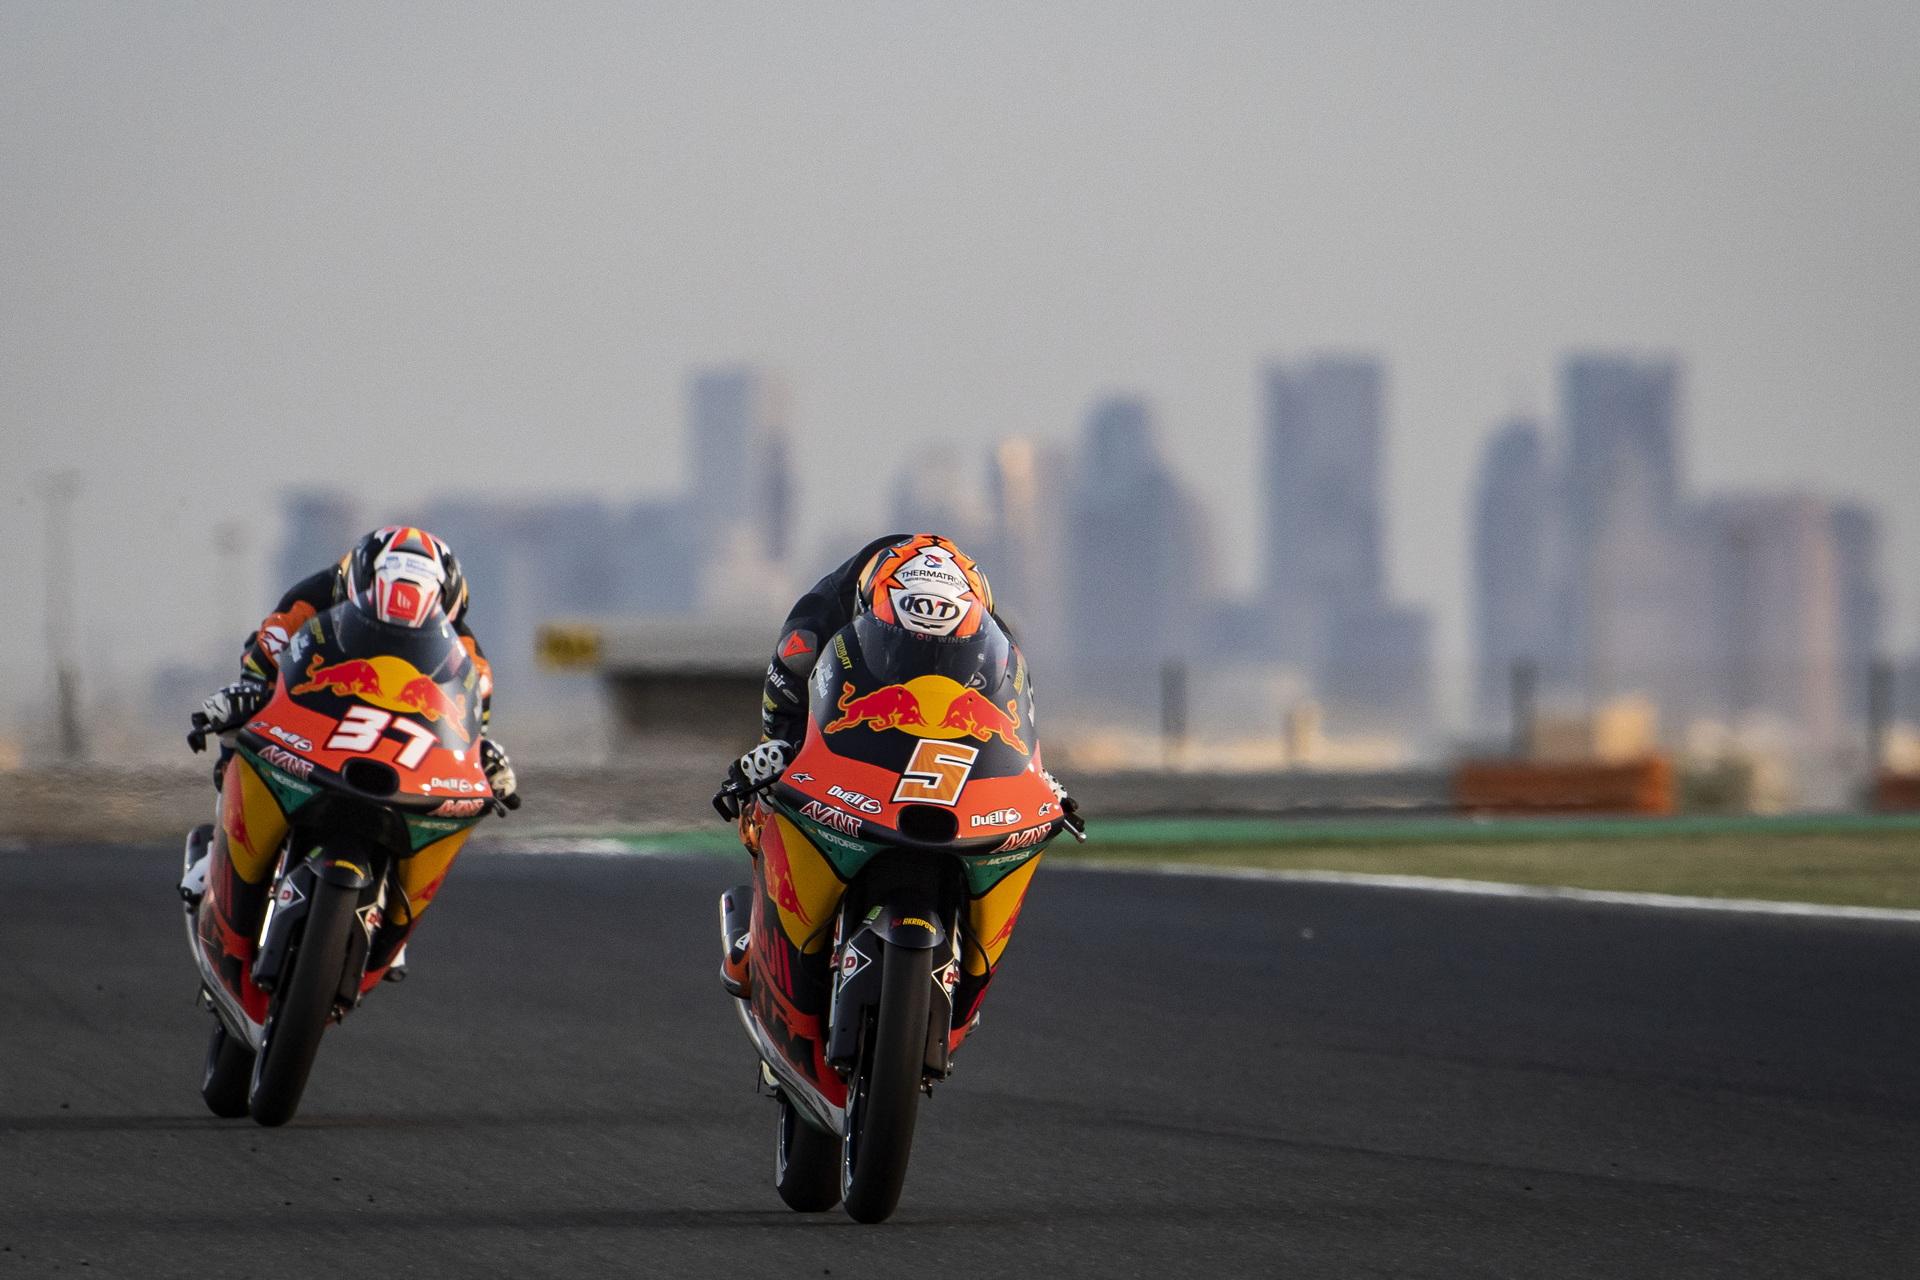 Resultados carrera Moto3 Gran Premio de Qatar